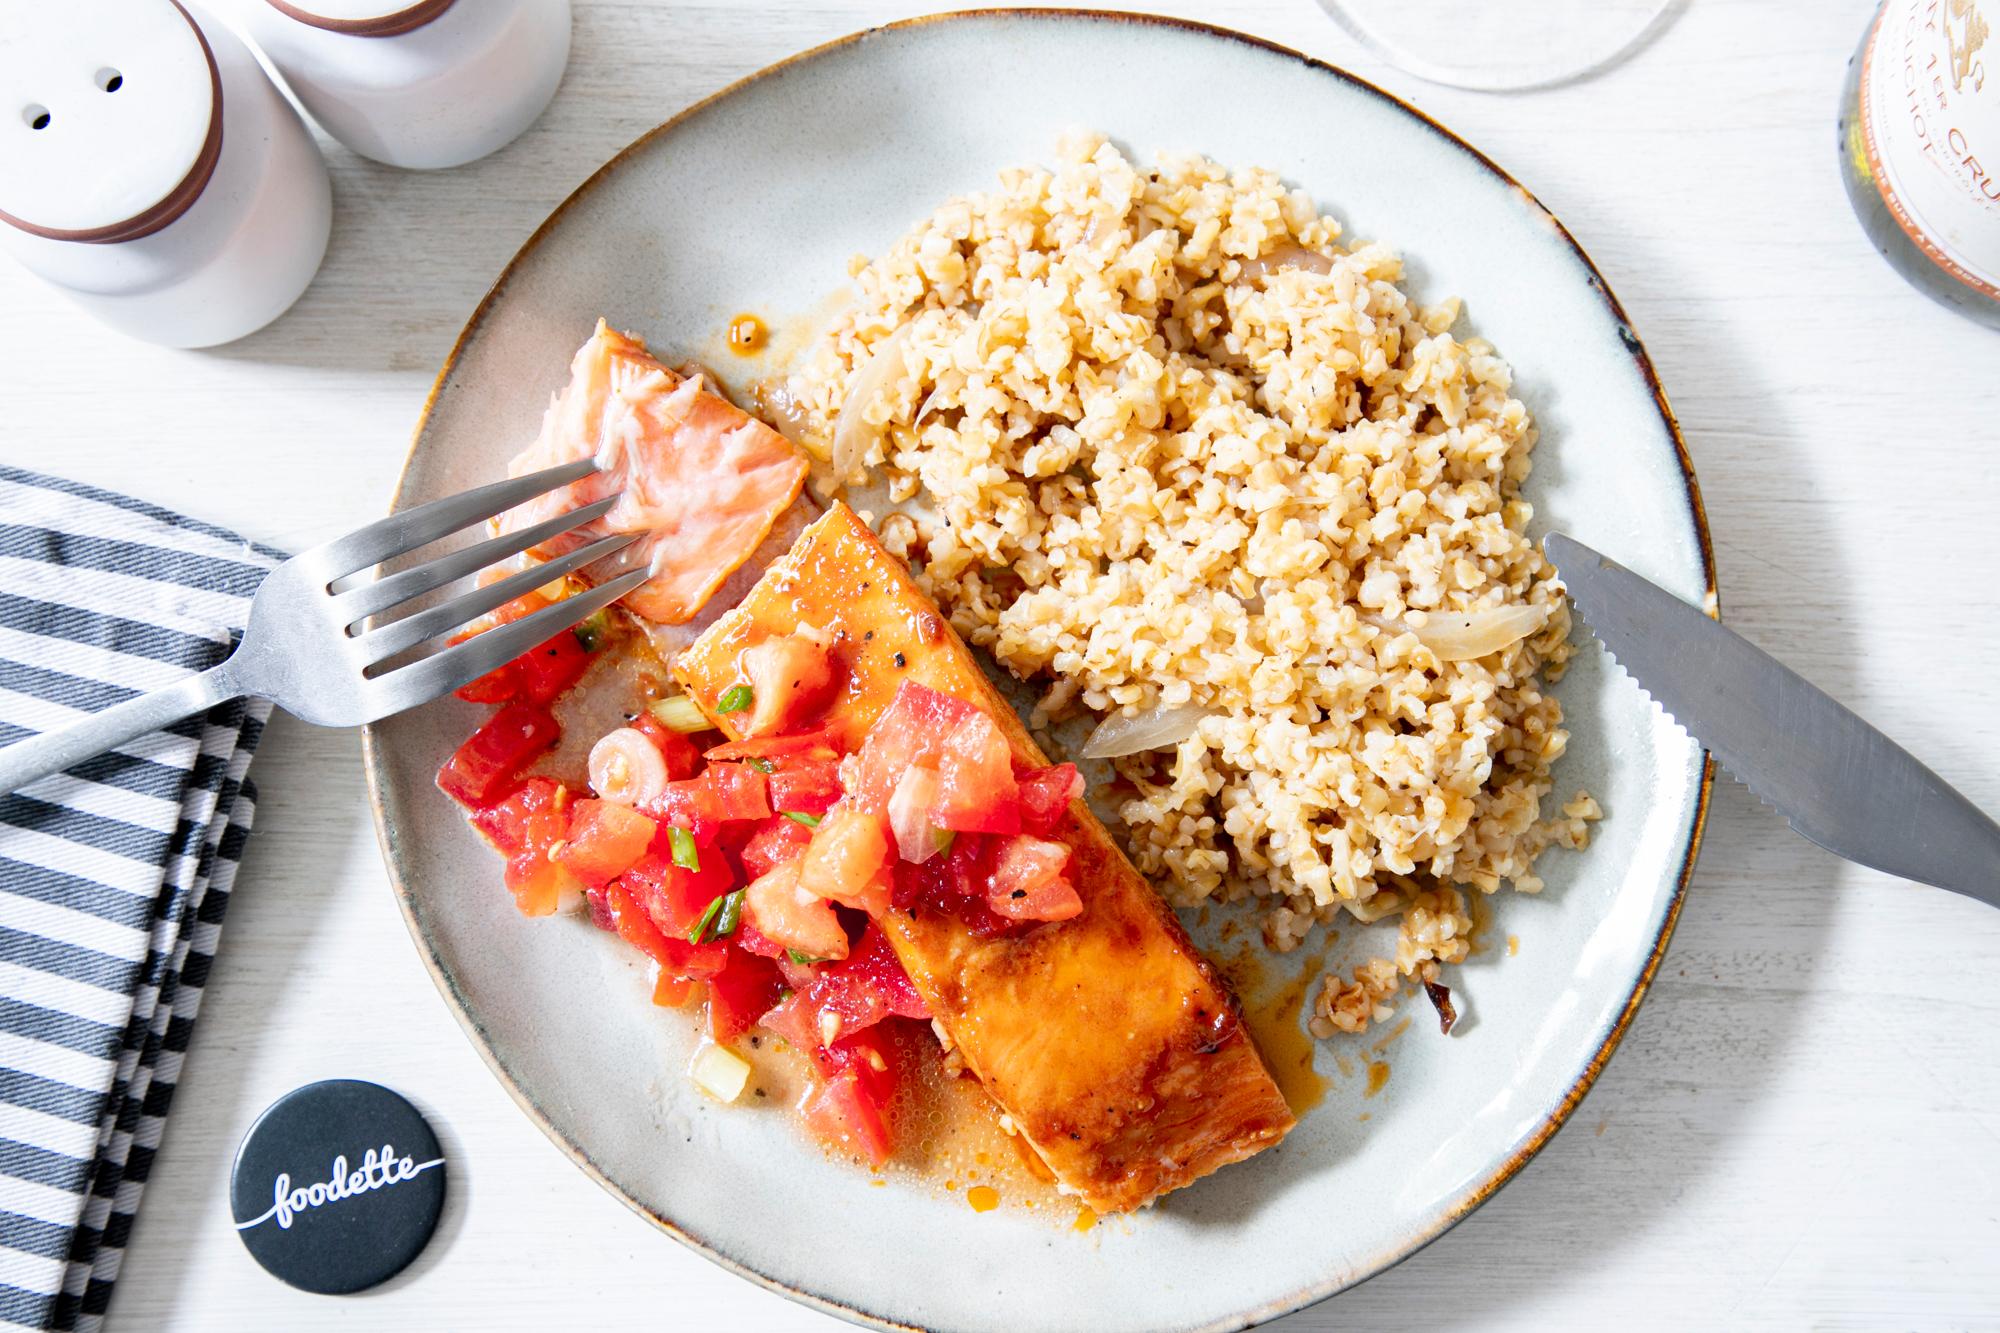 Saumon laqué au sirop d'érable, boulgour pilaf et sauce vierge